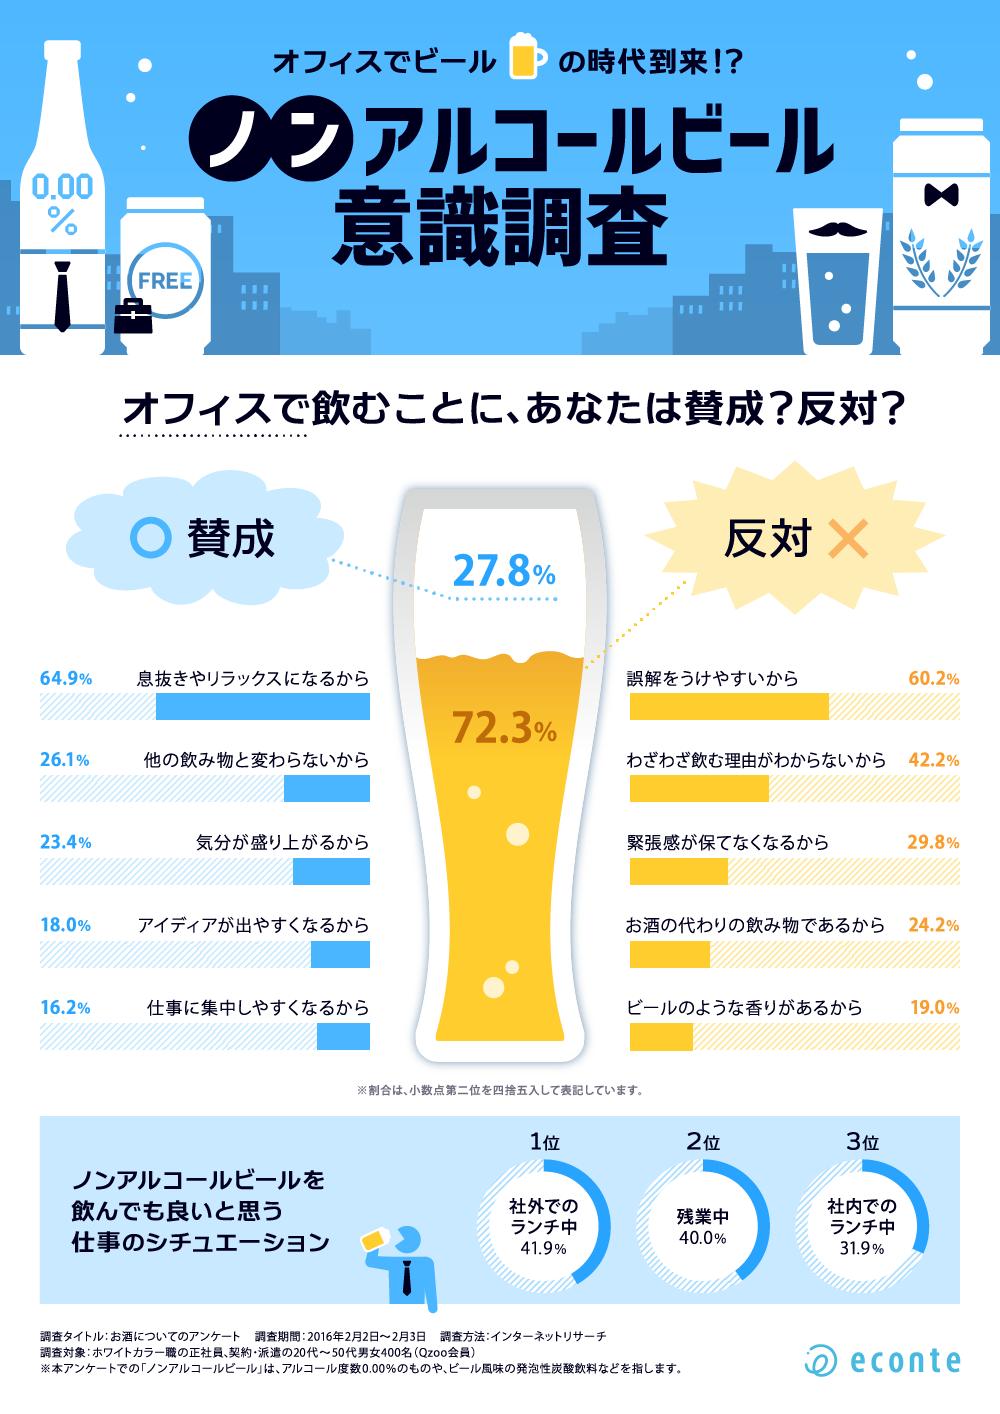 インフォグラフィック:ノンアルコールビール27.8%が賛成。オフィスでノンアルどう思う?